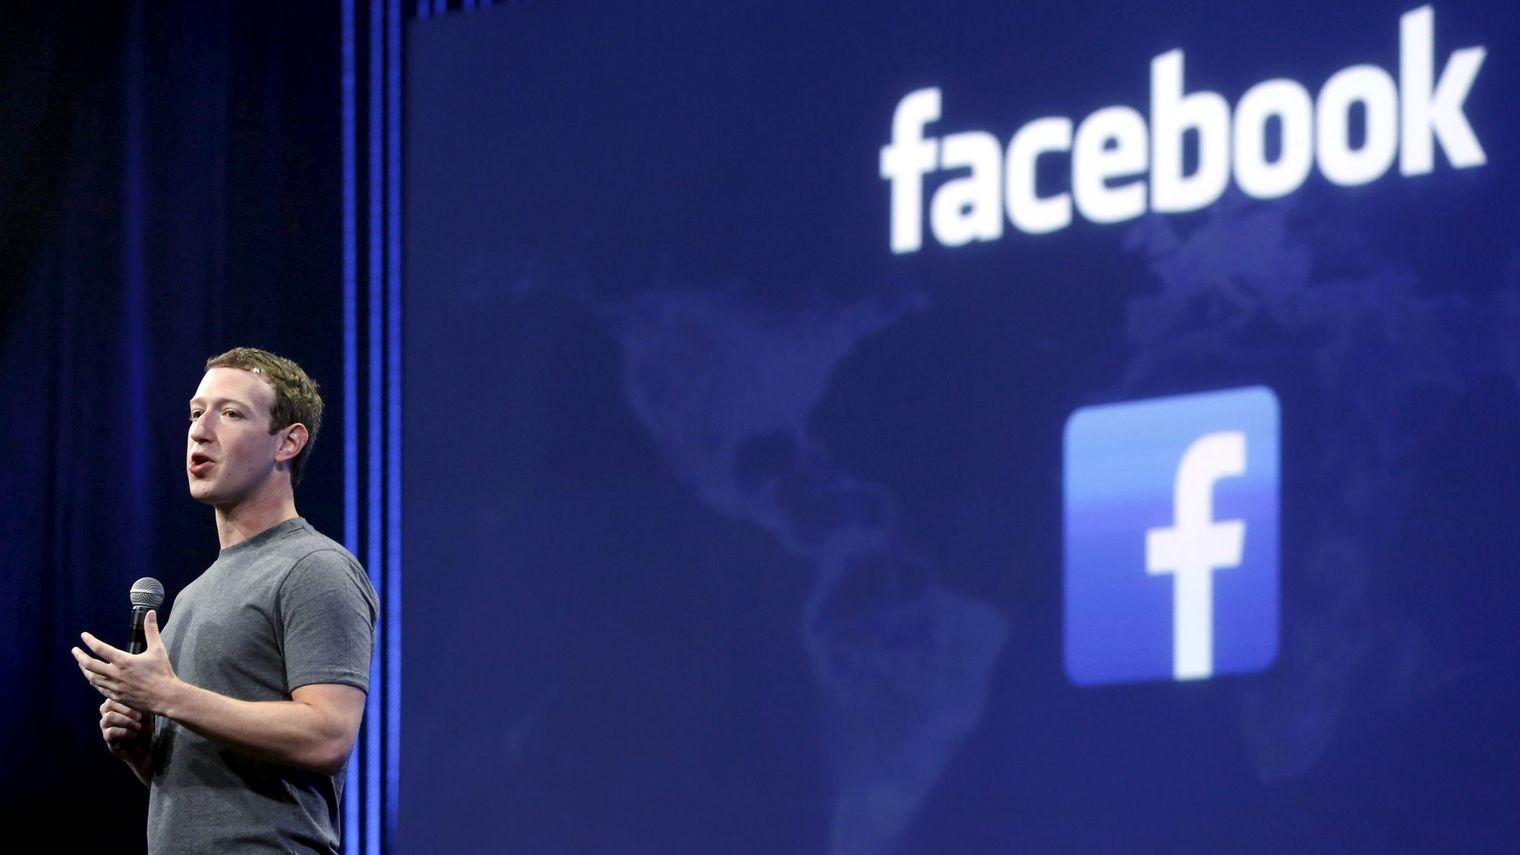 """فيسبوك تطلق """"مشروع الصحافة"""" لتعزيز علاقتها بالإعلام"""